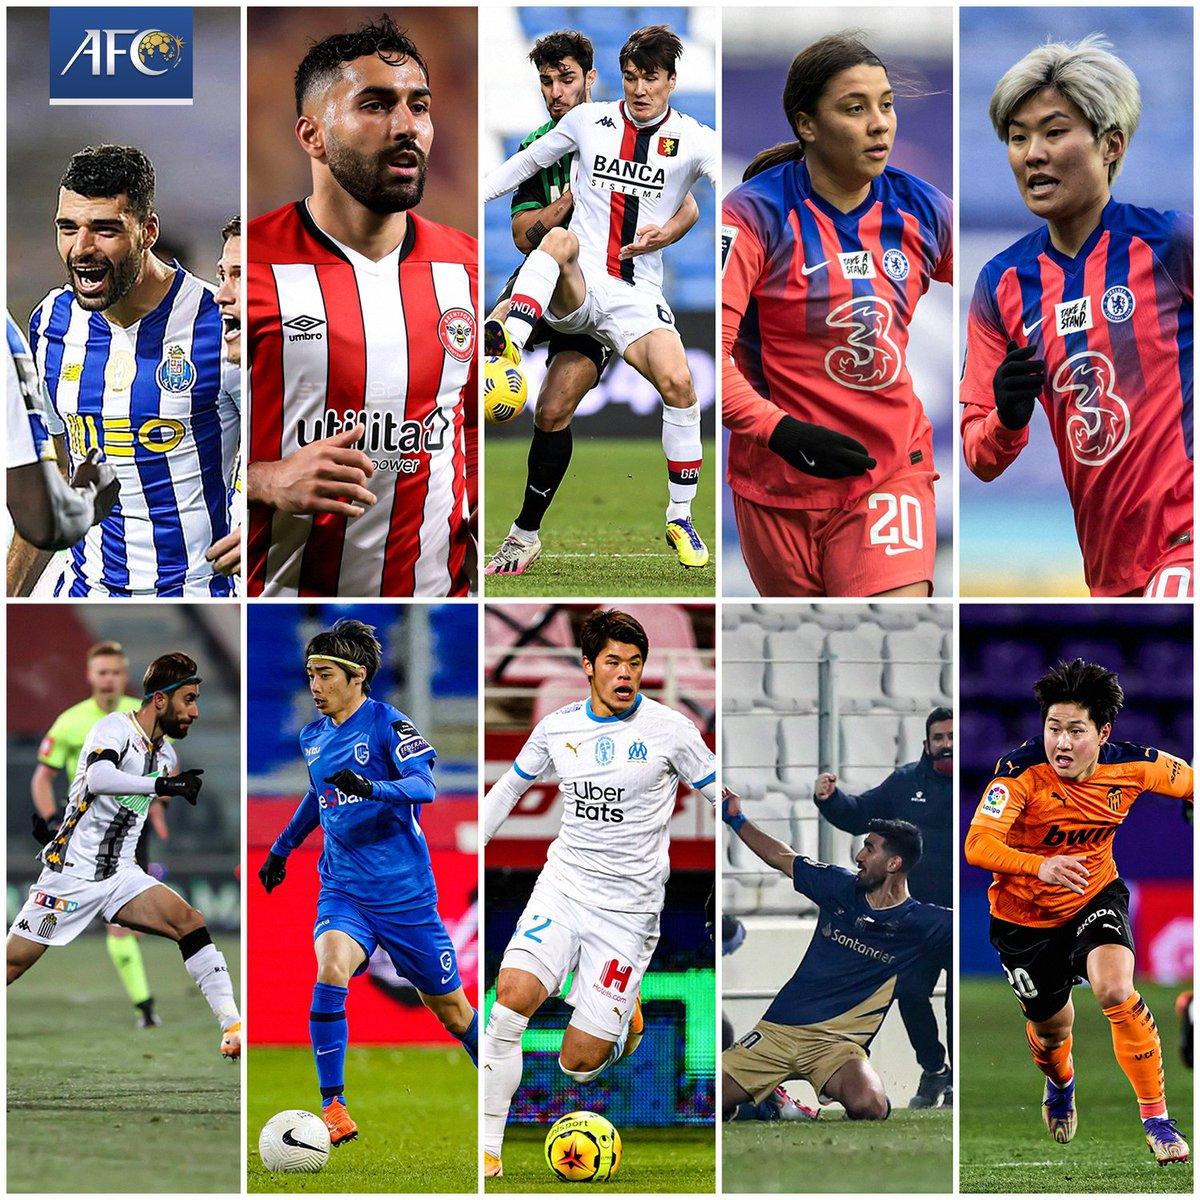 Who's your favourite AFC International Player of the Week? 🧐  🇮🇷 Mehdi Taremi 🇦🇺 Sam Kerr 🇰🇷 Ji So-yun 🇮🇷 Saman Ghoddos 🇮🇷 Ali Gholizadeh 🇯🇵 Junya Ito 🇯🇵 Hiroki Sakai 🇮🇷 Shahriar Moghanlou 🇰🇷 Lee Kang-in  🗳 VOTE: